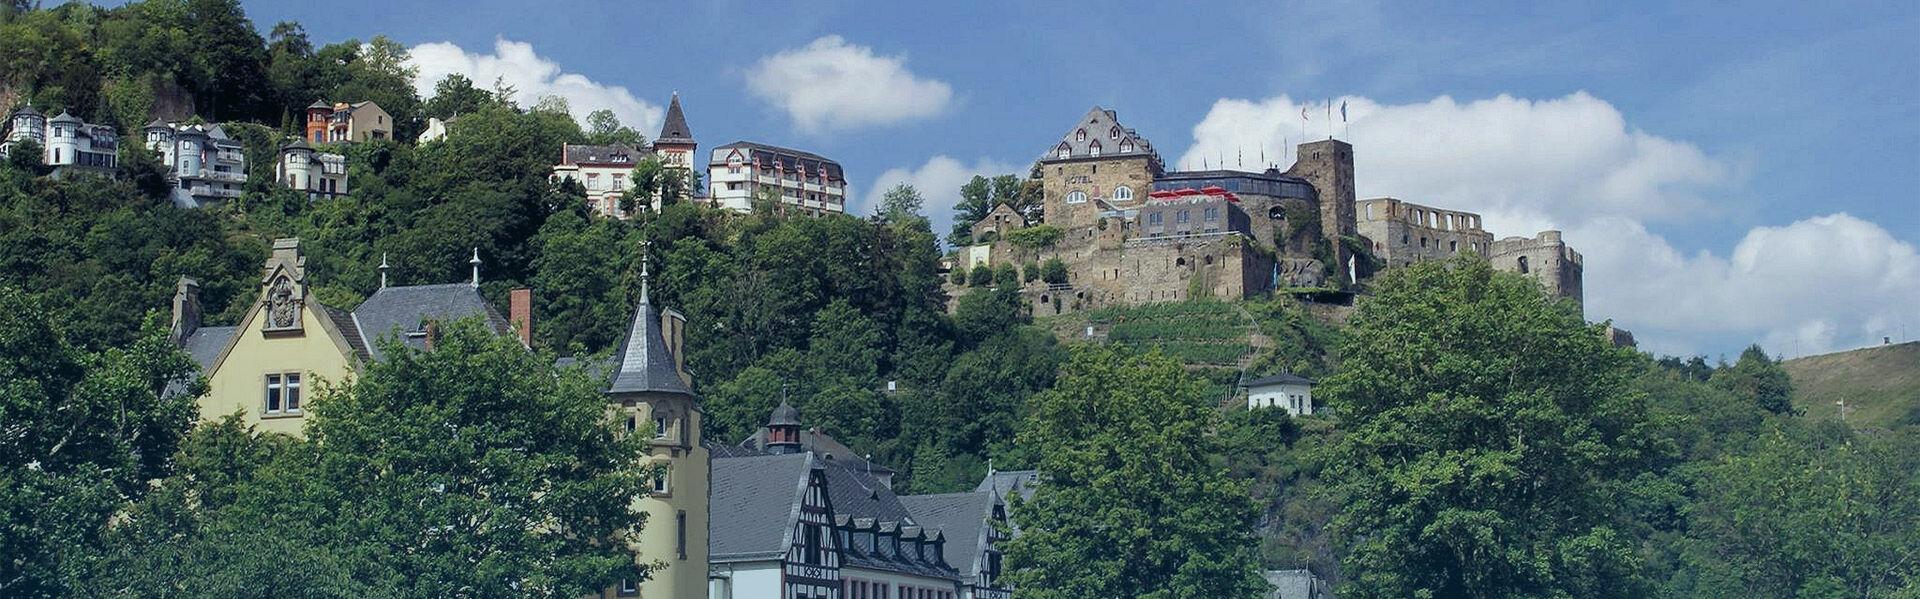 St. Goar_Burg Rheinfels